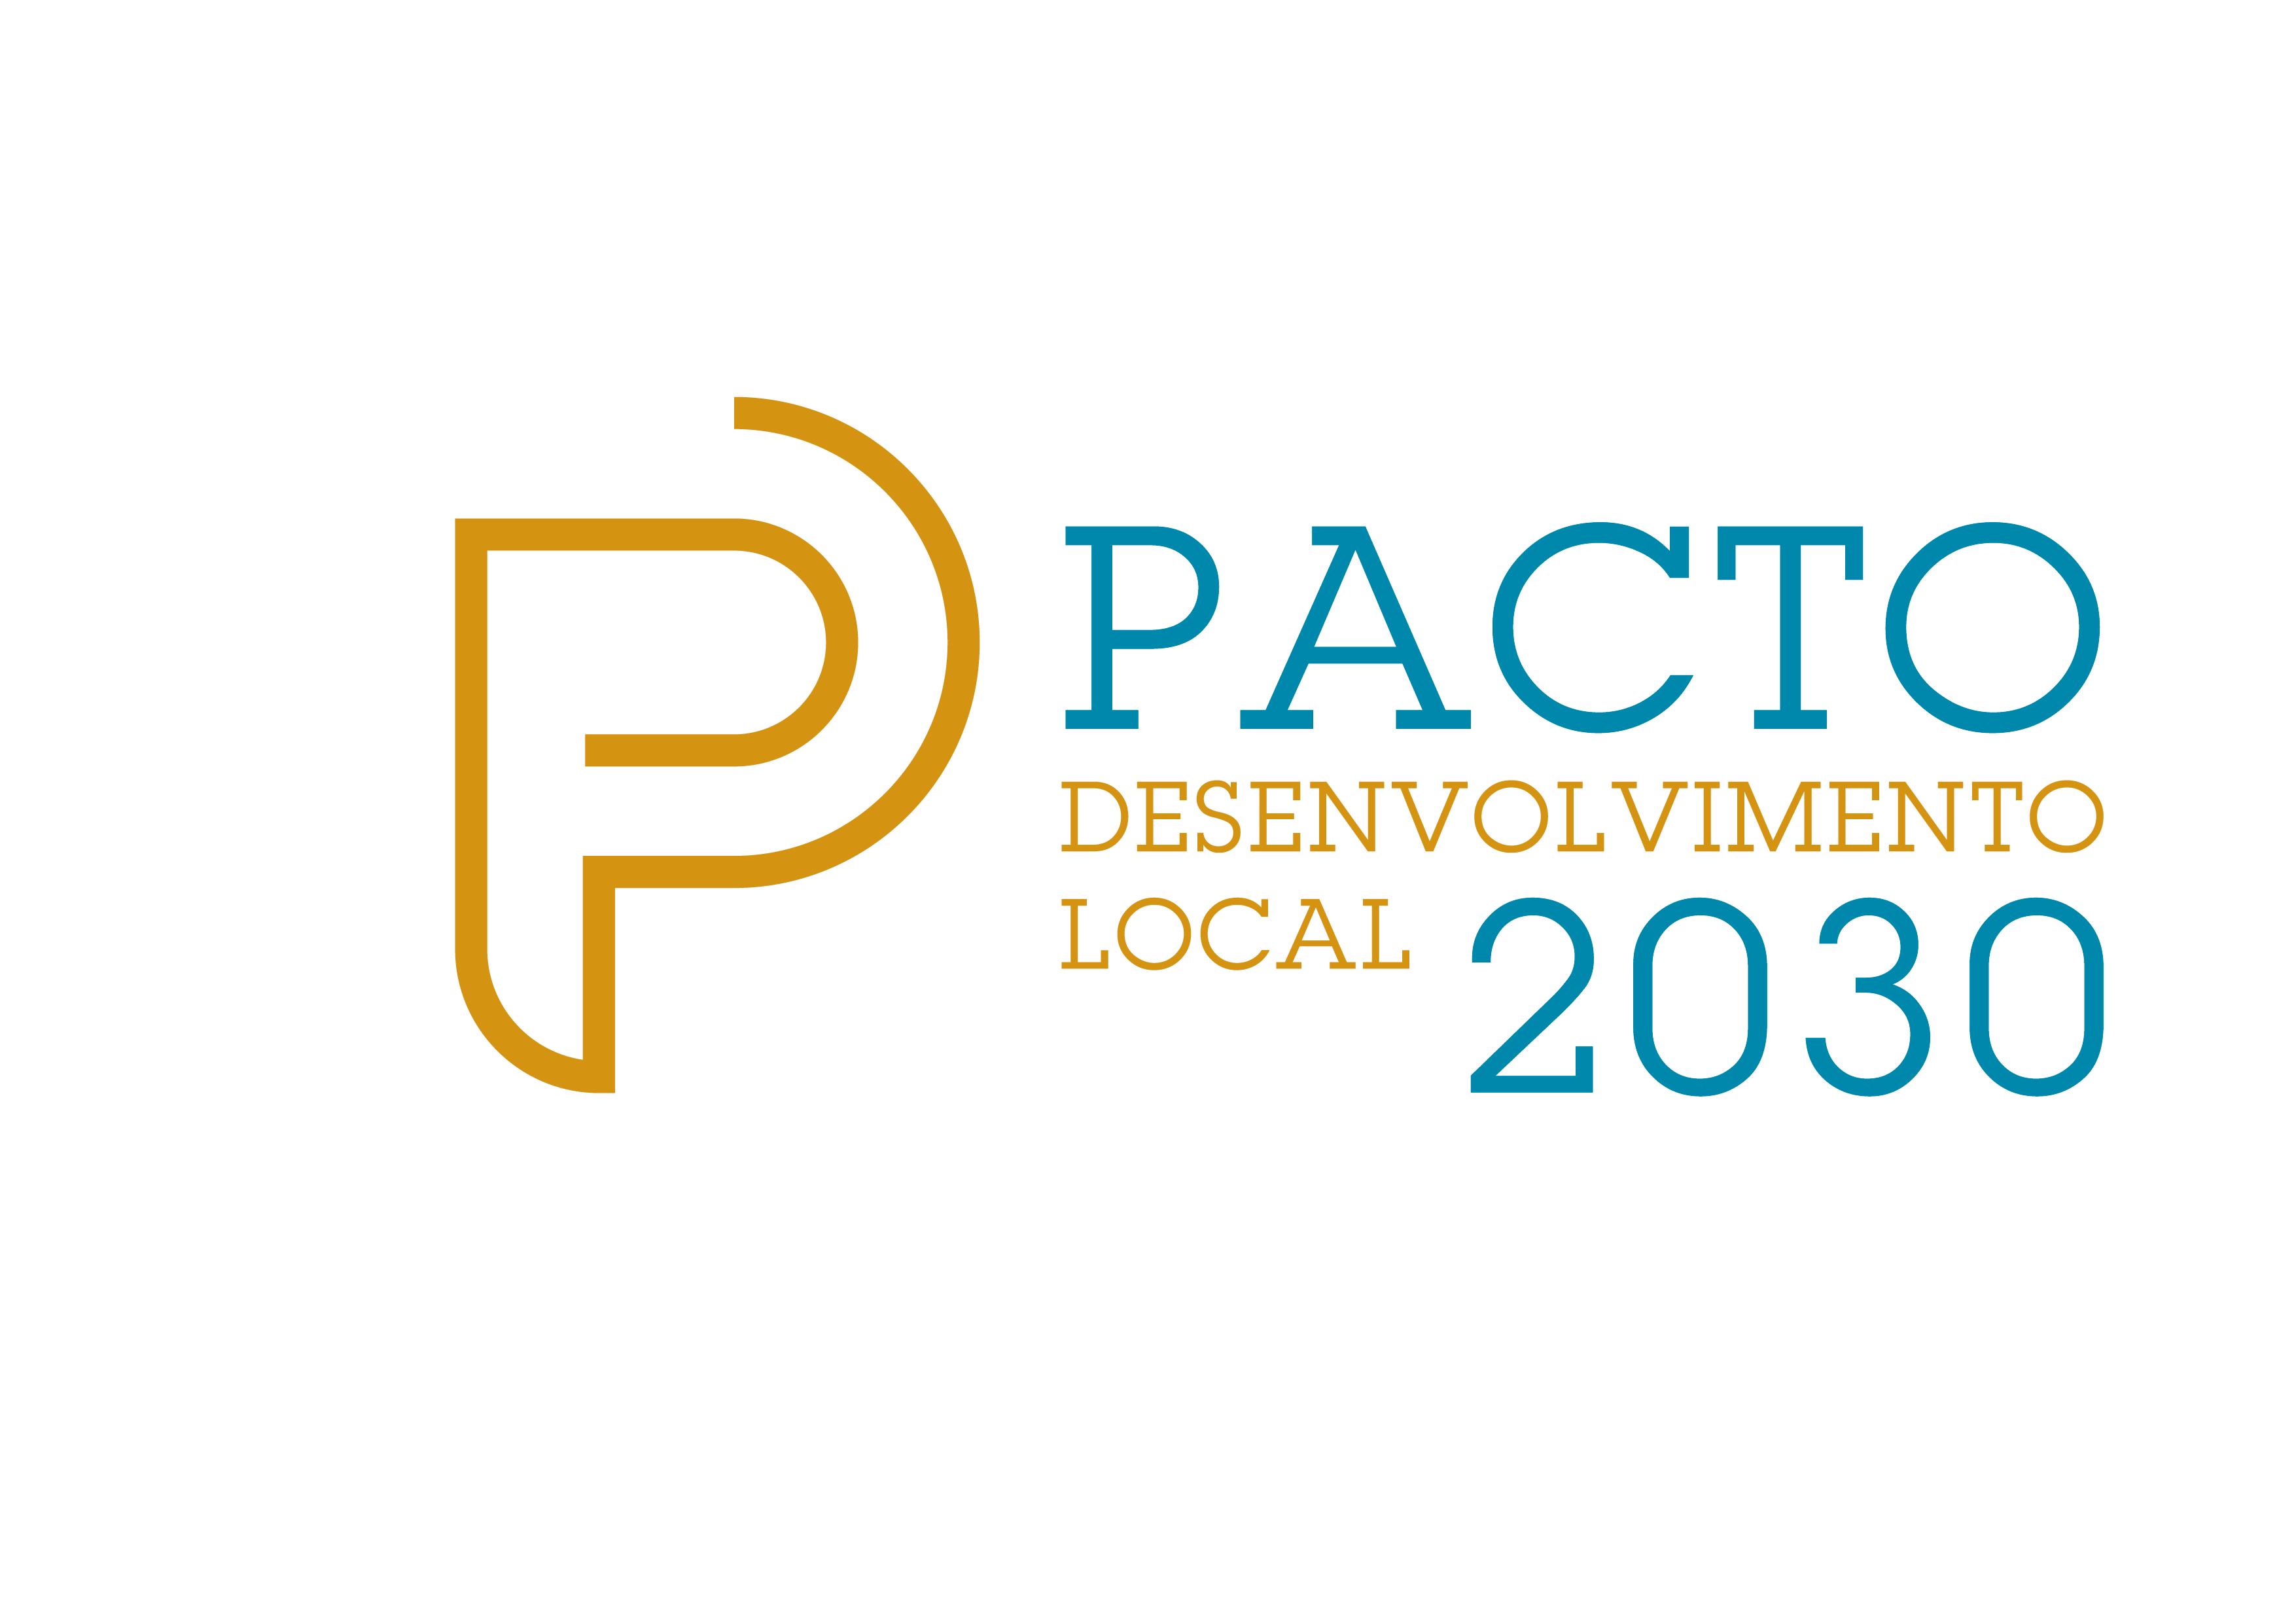 Sessão De Apresentação Do Pacto Desenvolvimento Local 2030